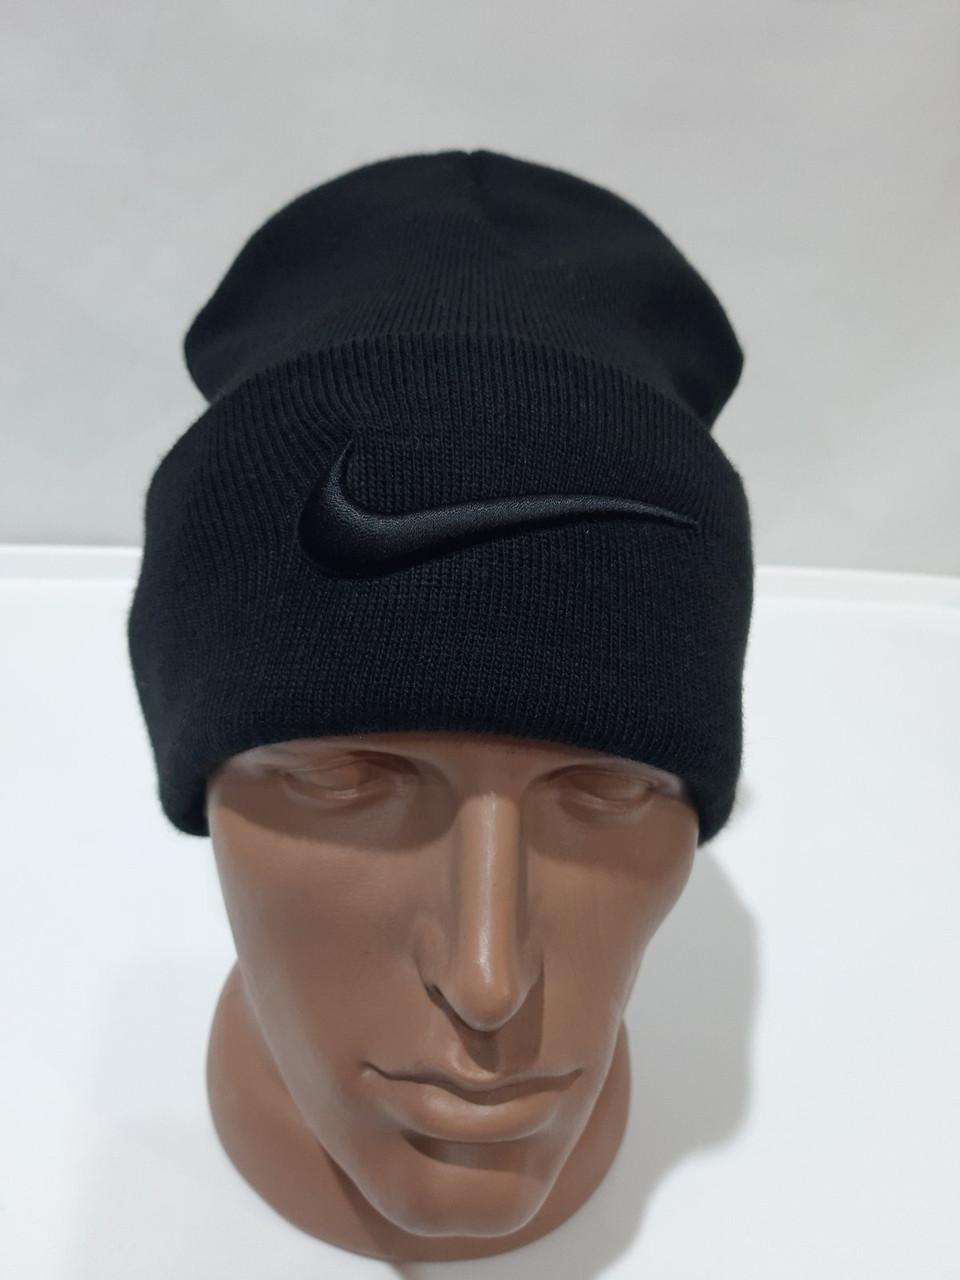 Зимняя мужская шапка черная шерстяная с отворотом Турция